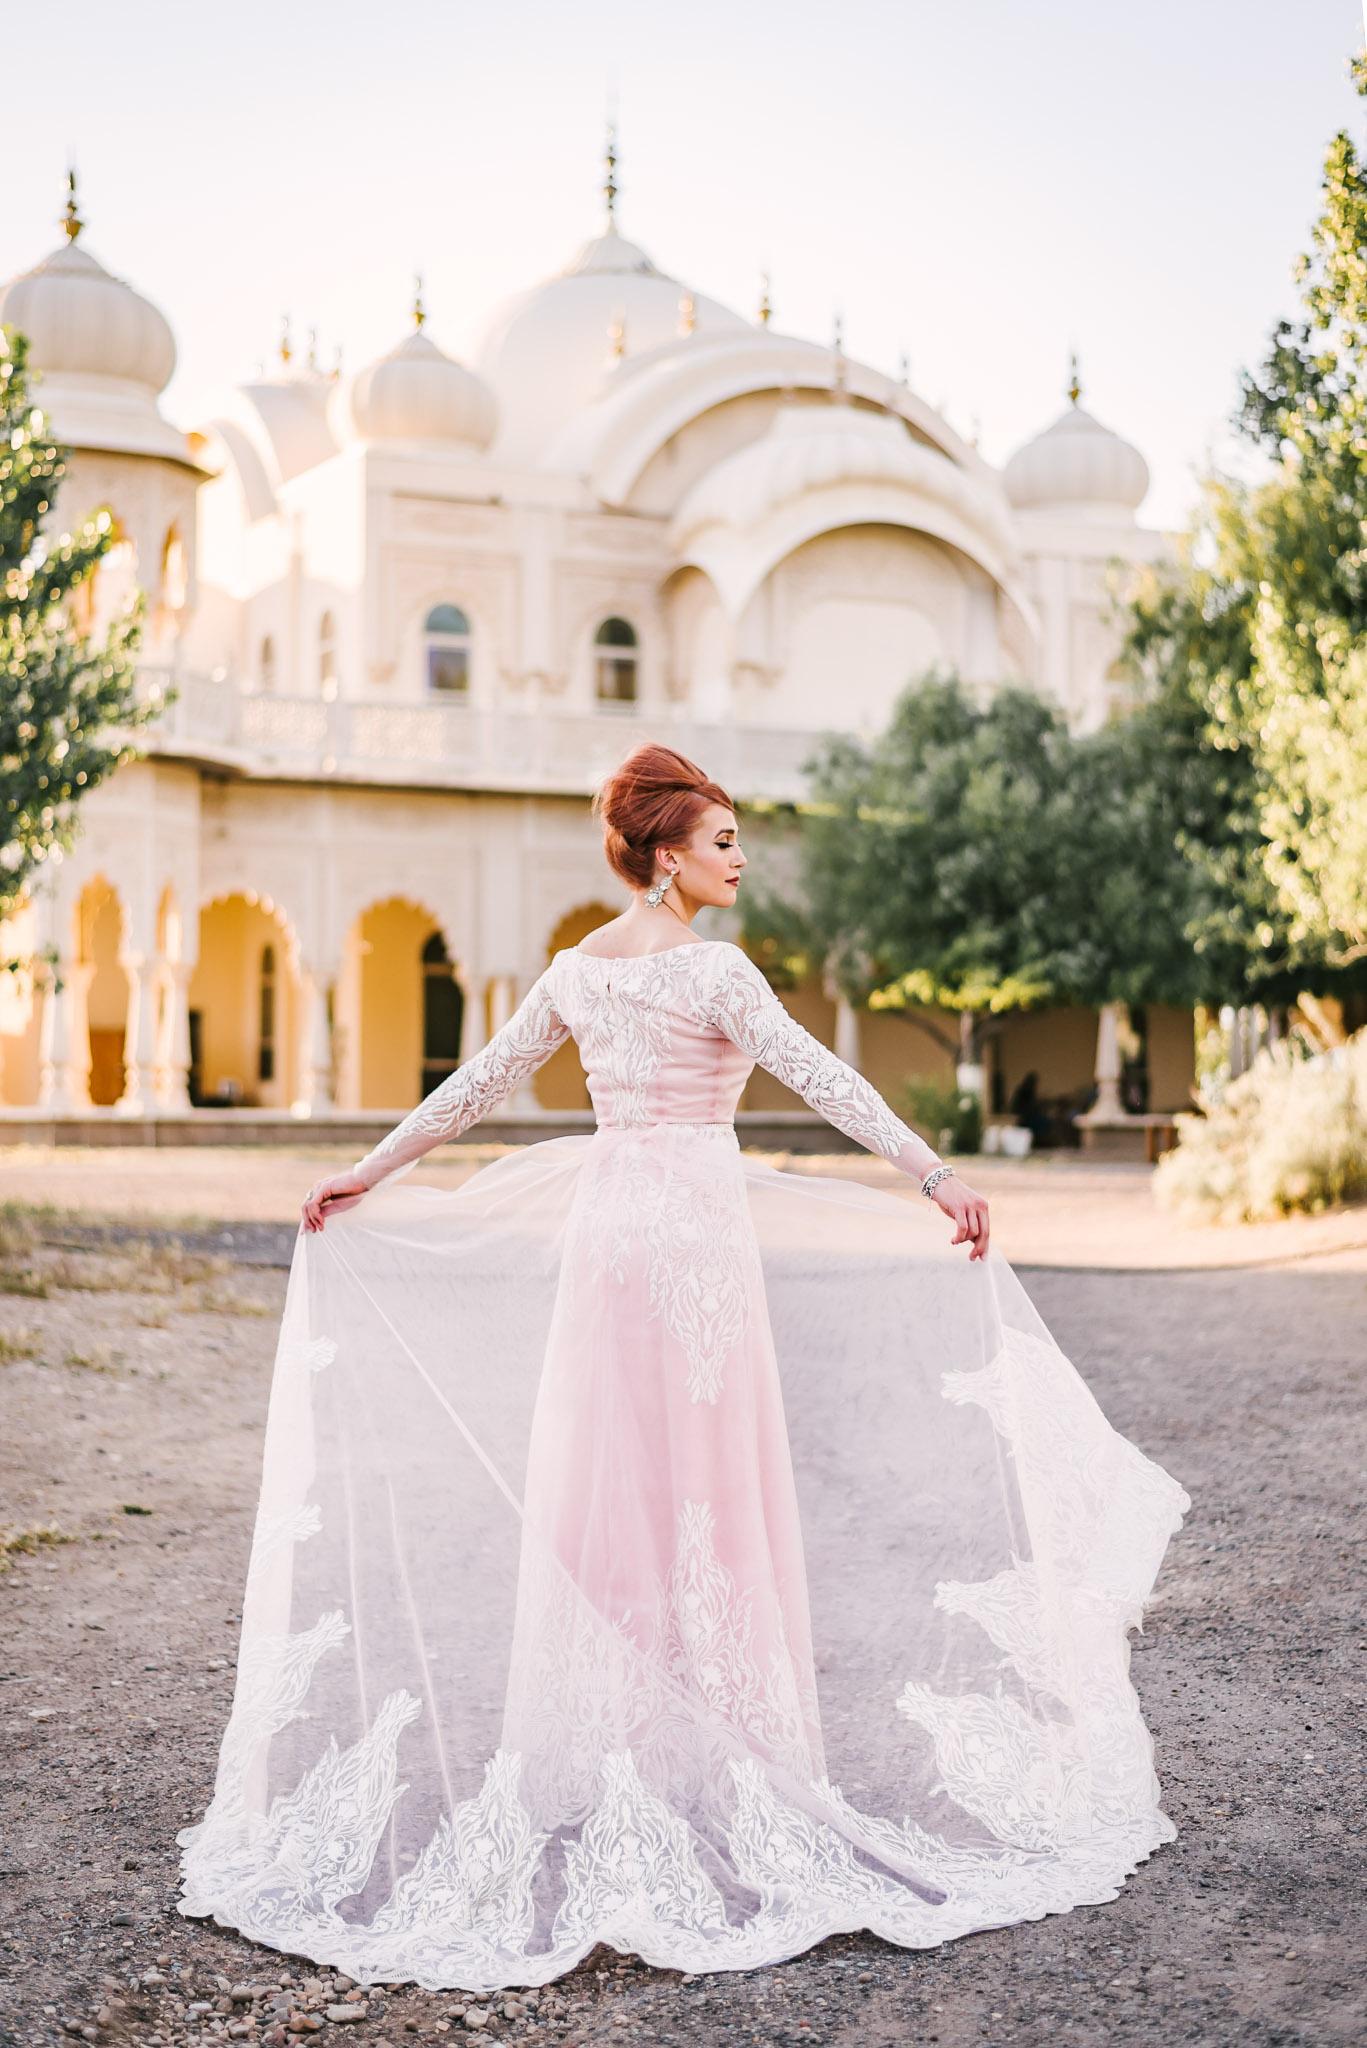 Krishna bridals-60.jpg